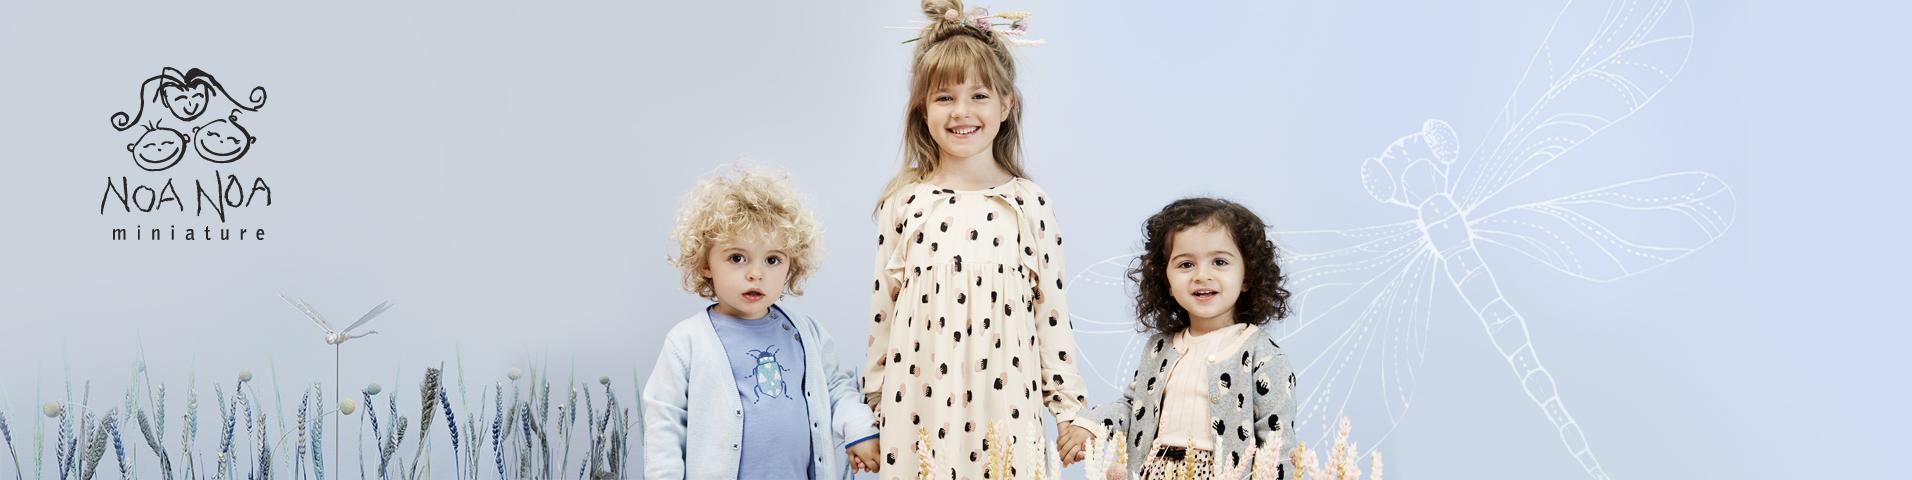 81be28a5813 Noa Noa Børnetøj & -sko | Sko og tøj til piger og drenge online på ...